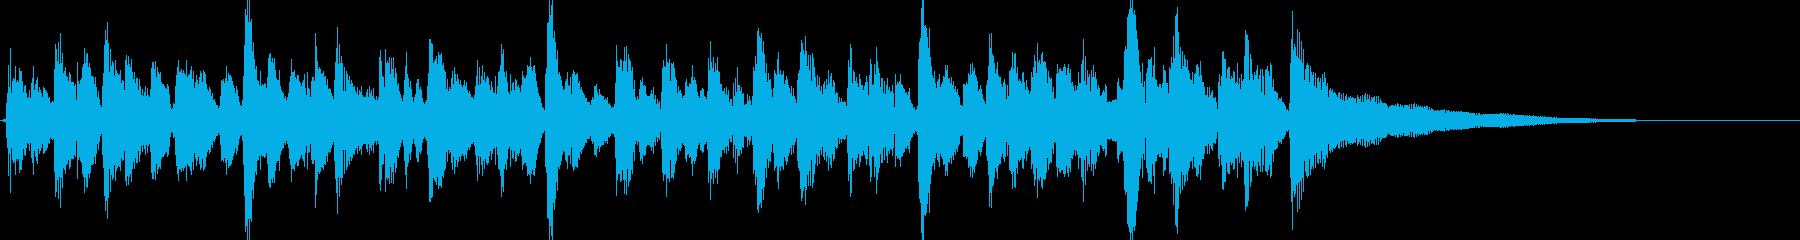 15秒CM、アコギリズム、商品紹介等④の再生済みの波形